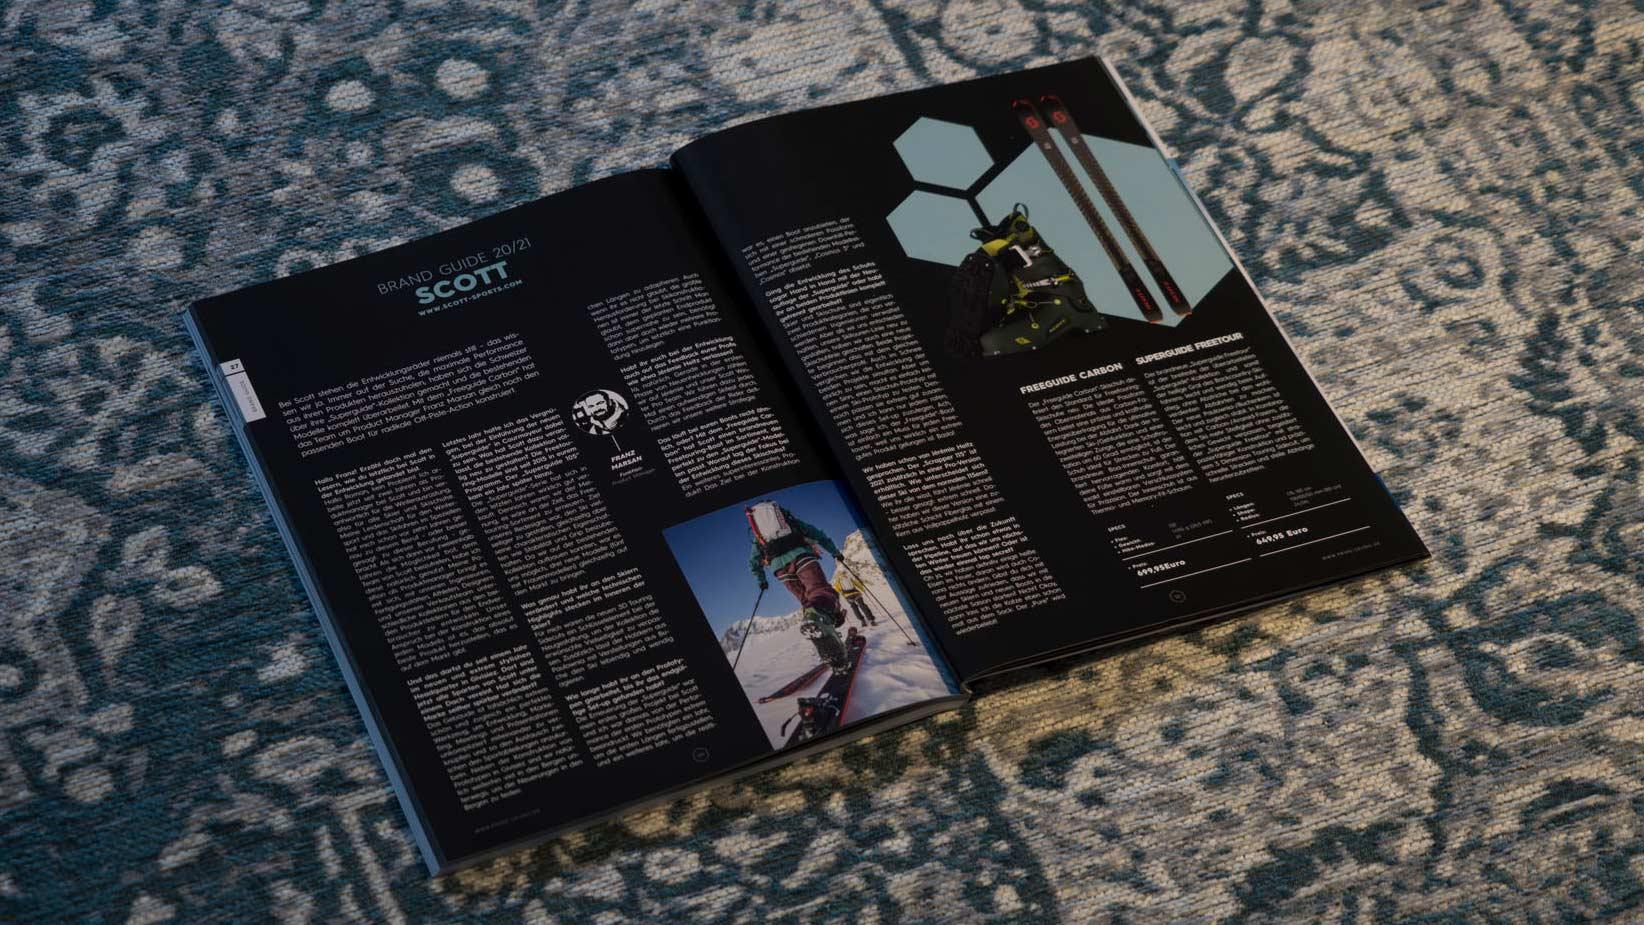 Scott in der PRIME Skiing Brandguide 2021 Printausgabe